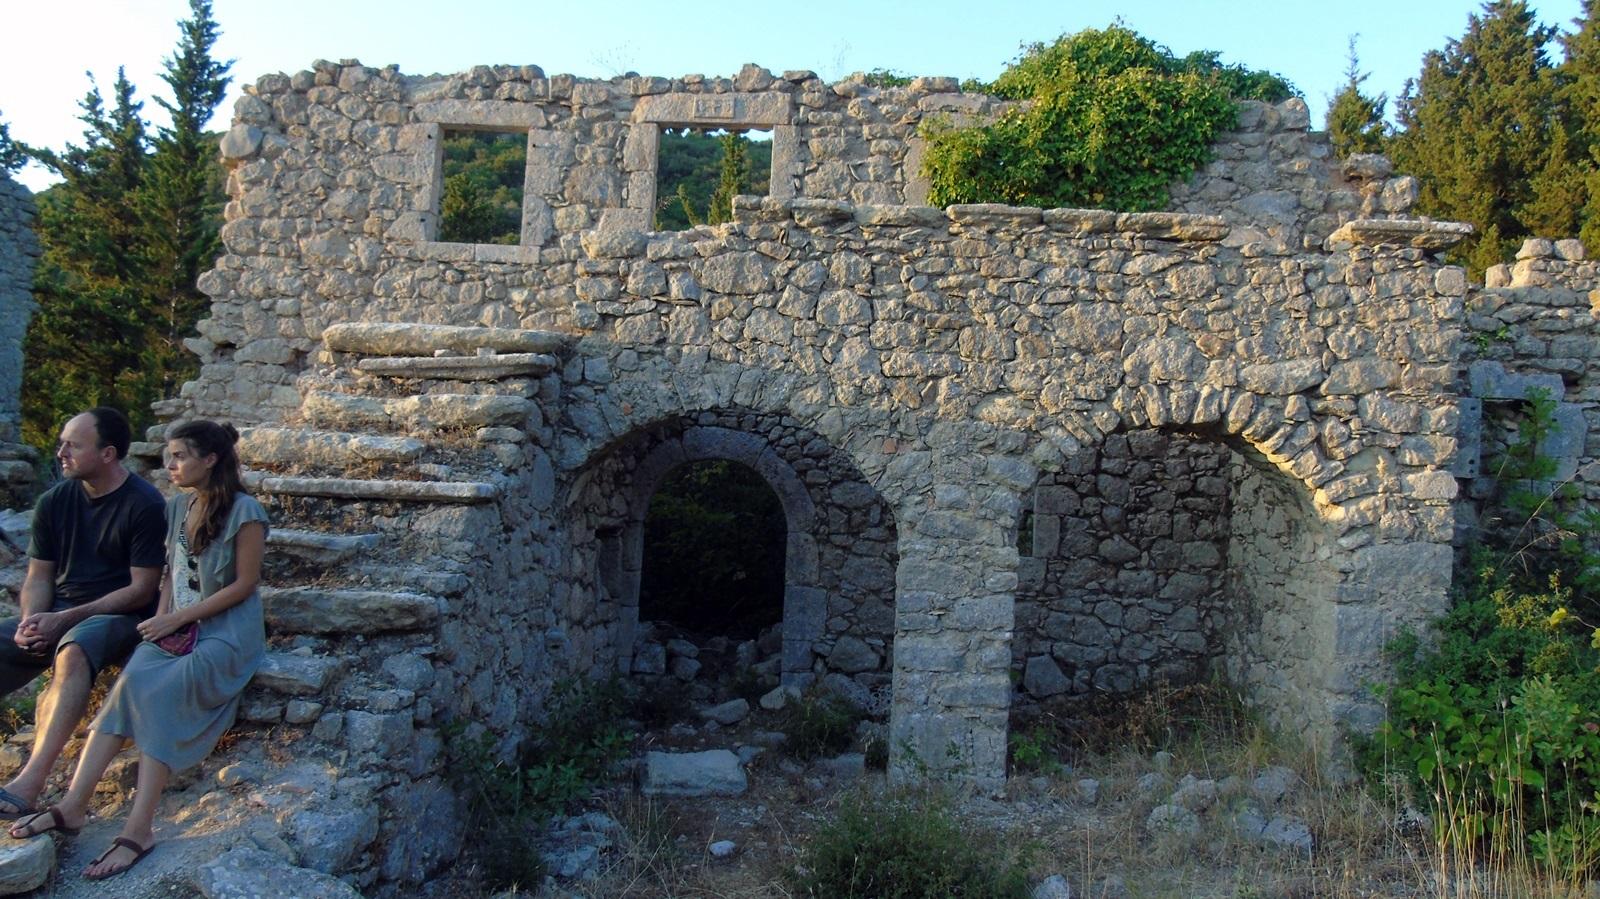 8_kagialoglou_agios_georgios